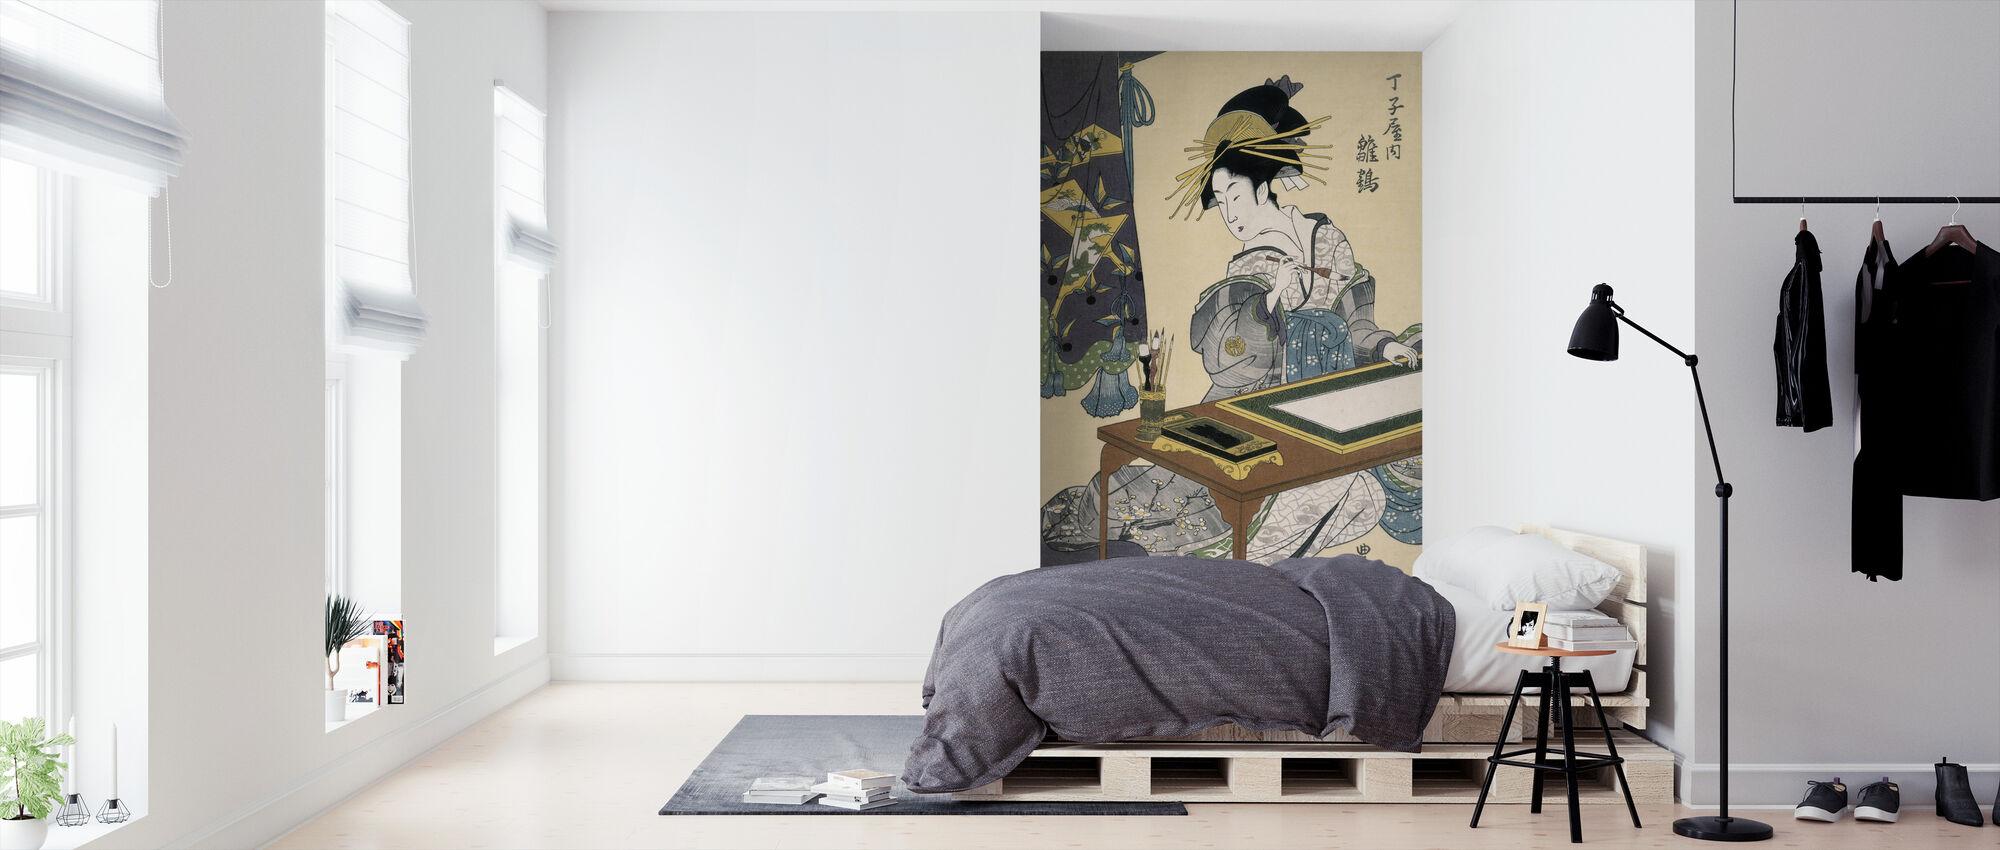 Cortesana Hinazuru - Utagawa Toyokuni - Wallpaper - Bedroom